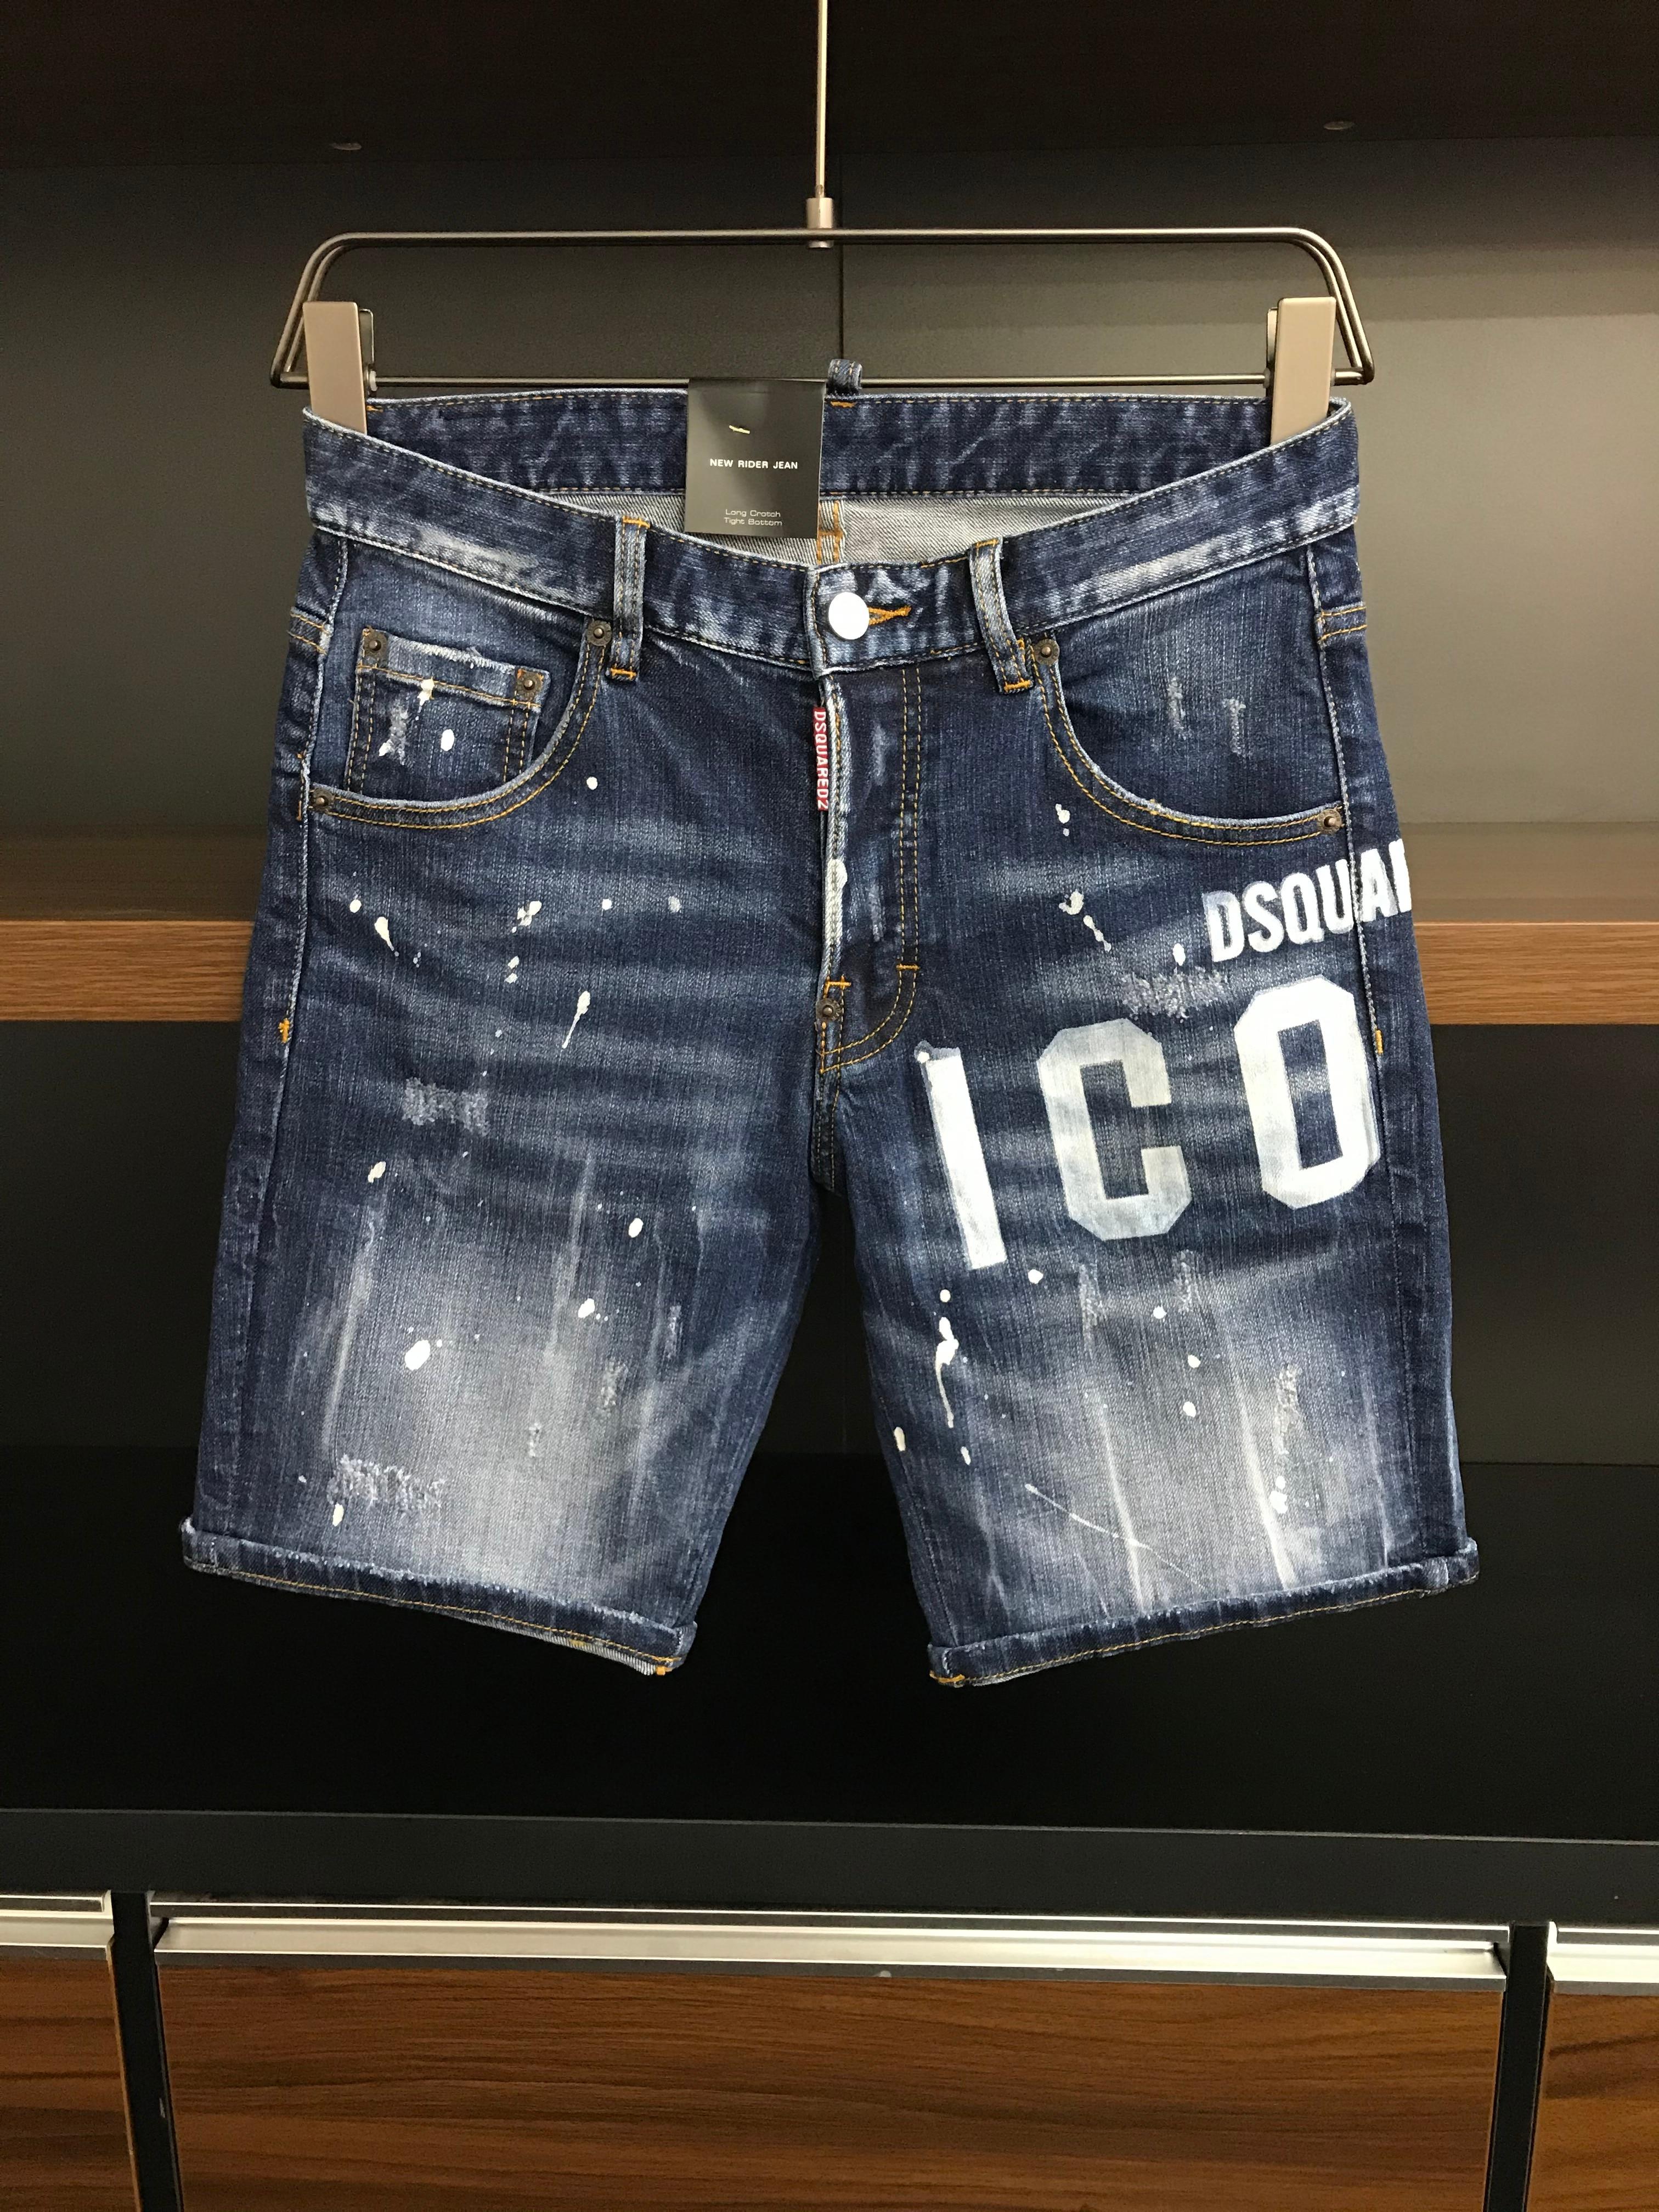 الصيف الهيب هوب 2021 الرجال ممزق جينز D2 السائق نحيل السراويل الجينز الذكور سليم صالح جينز غير رسمي الرجال السراويل حجم 28-38